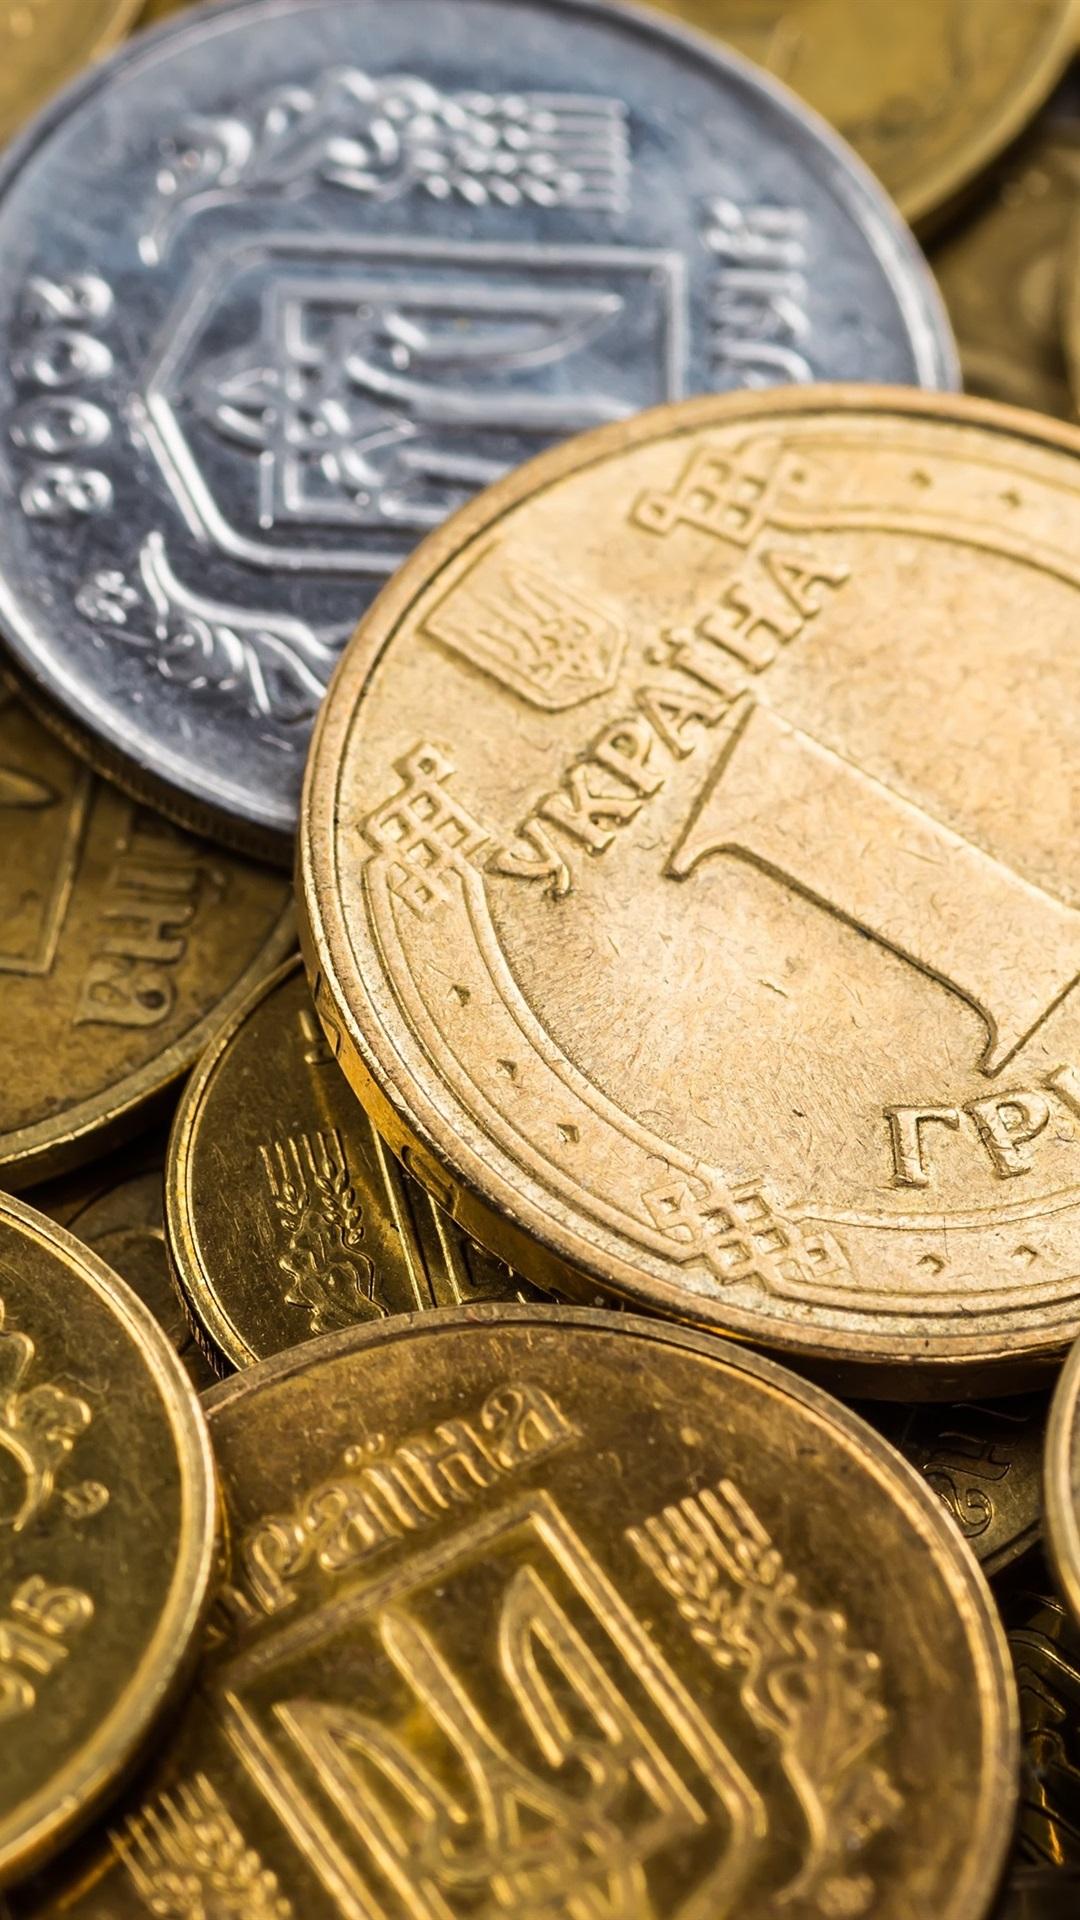 ウクライナのコイン お金 1080x1920 Iphone 8 7 6 6s Plus 壁紙 背景